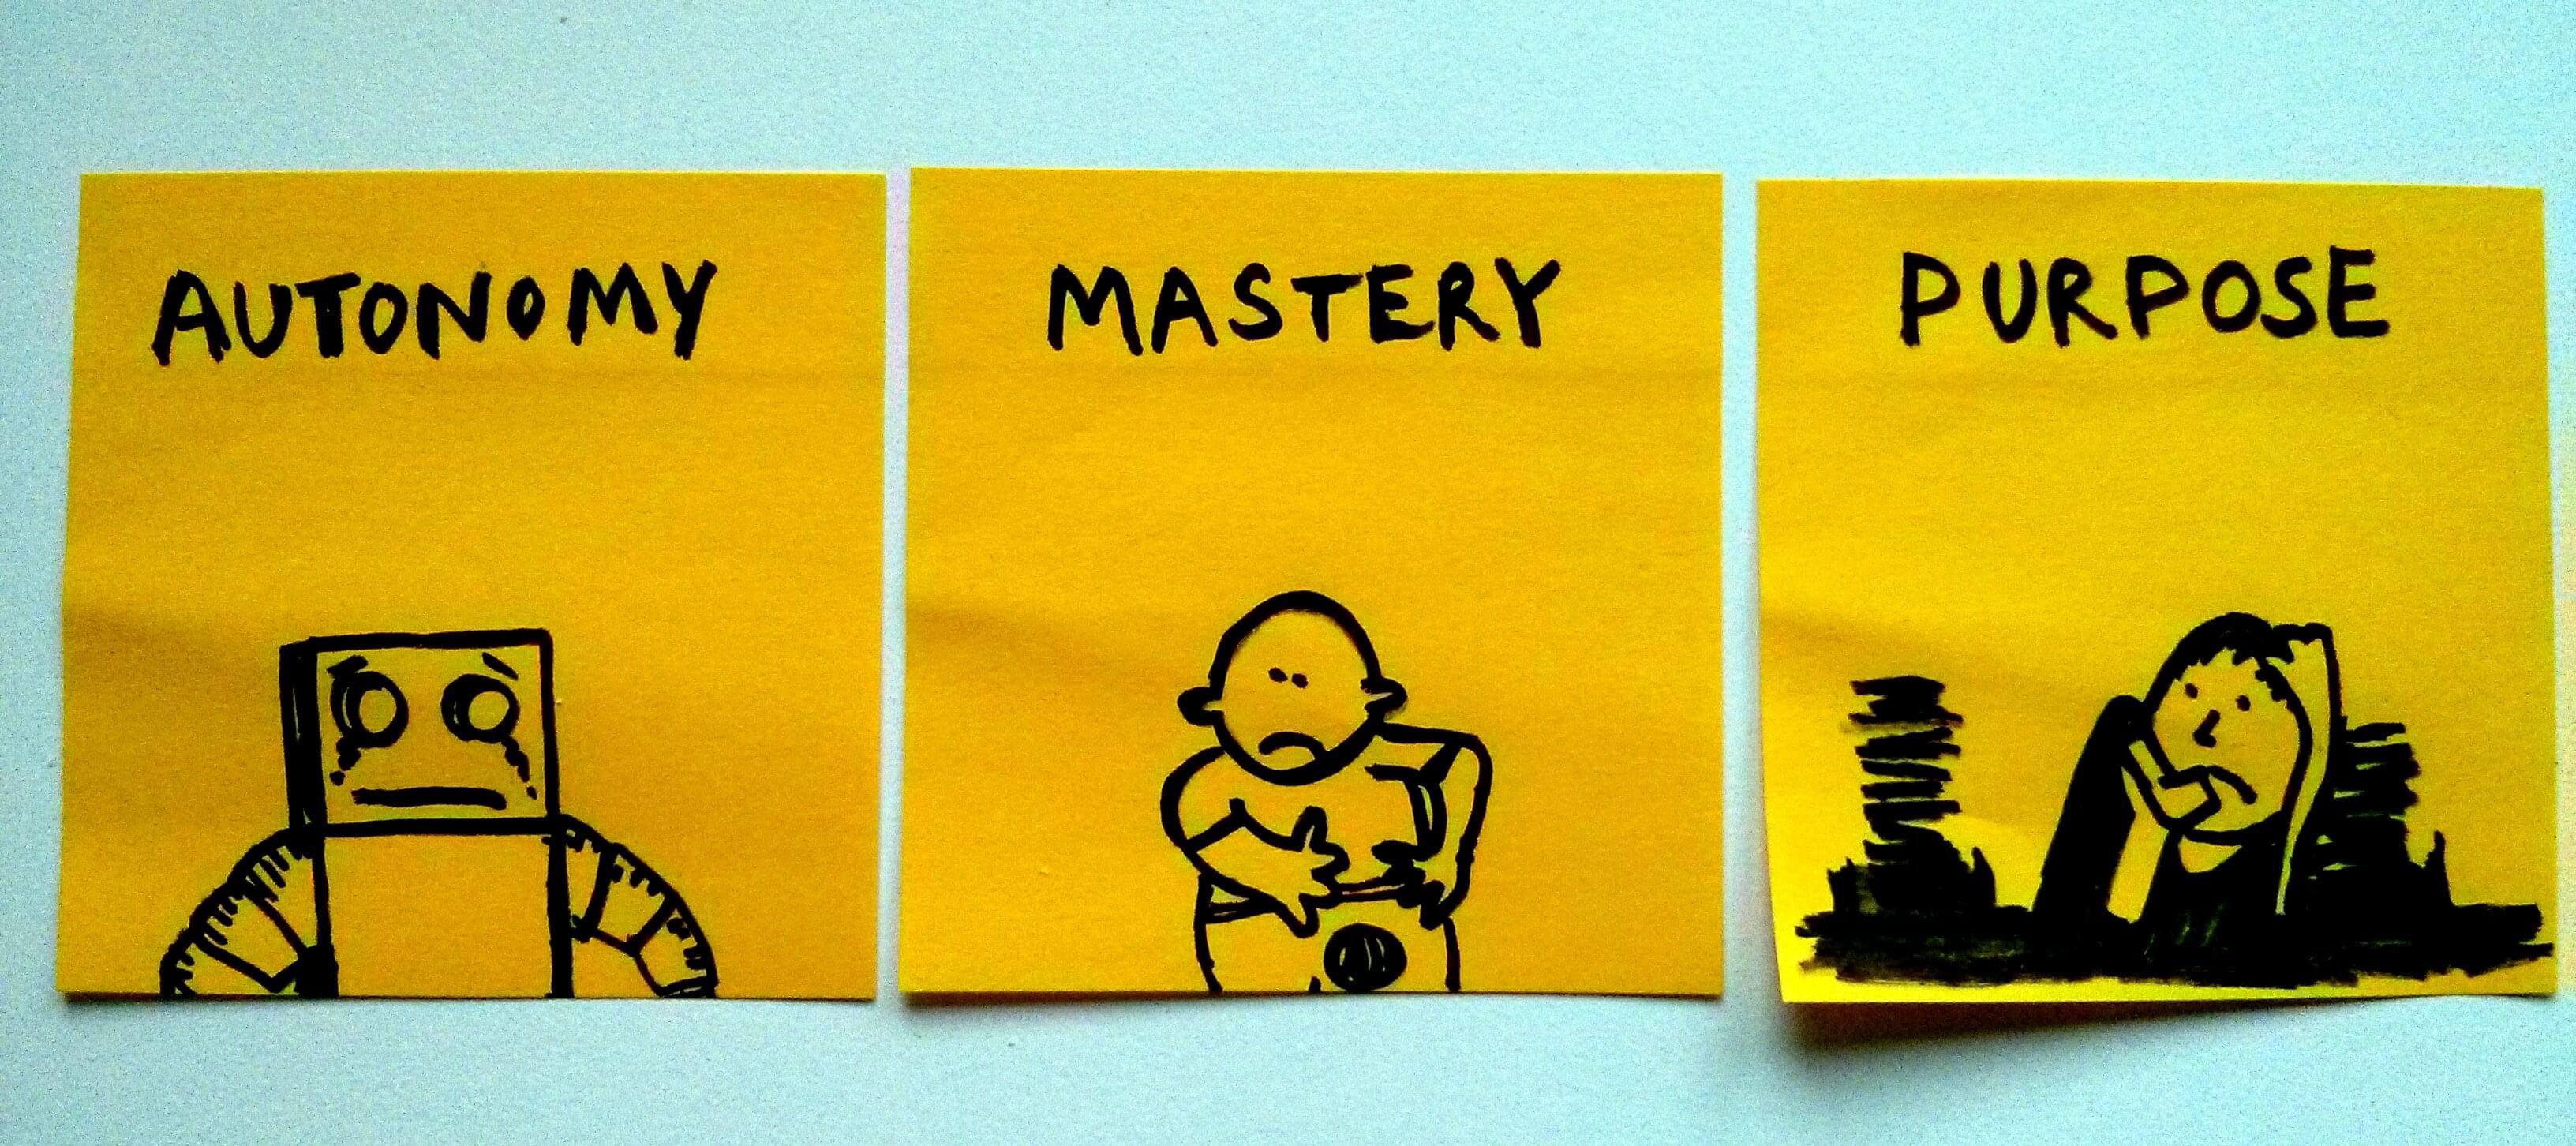 Autonomy,_Mastery,_Purpose_(11134670423)